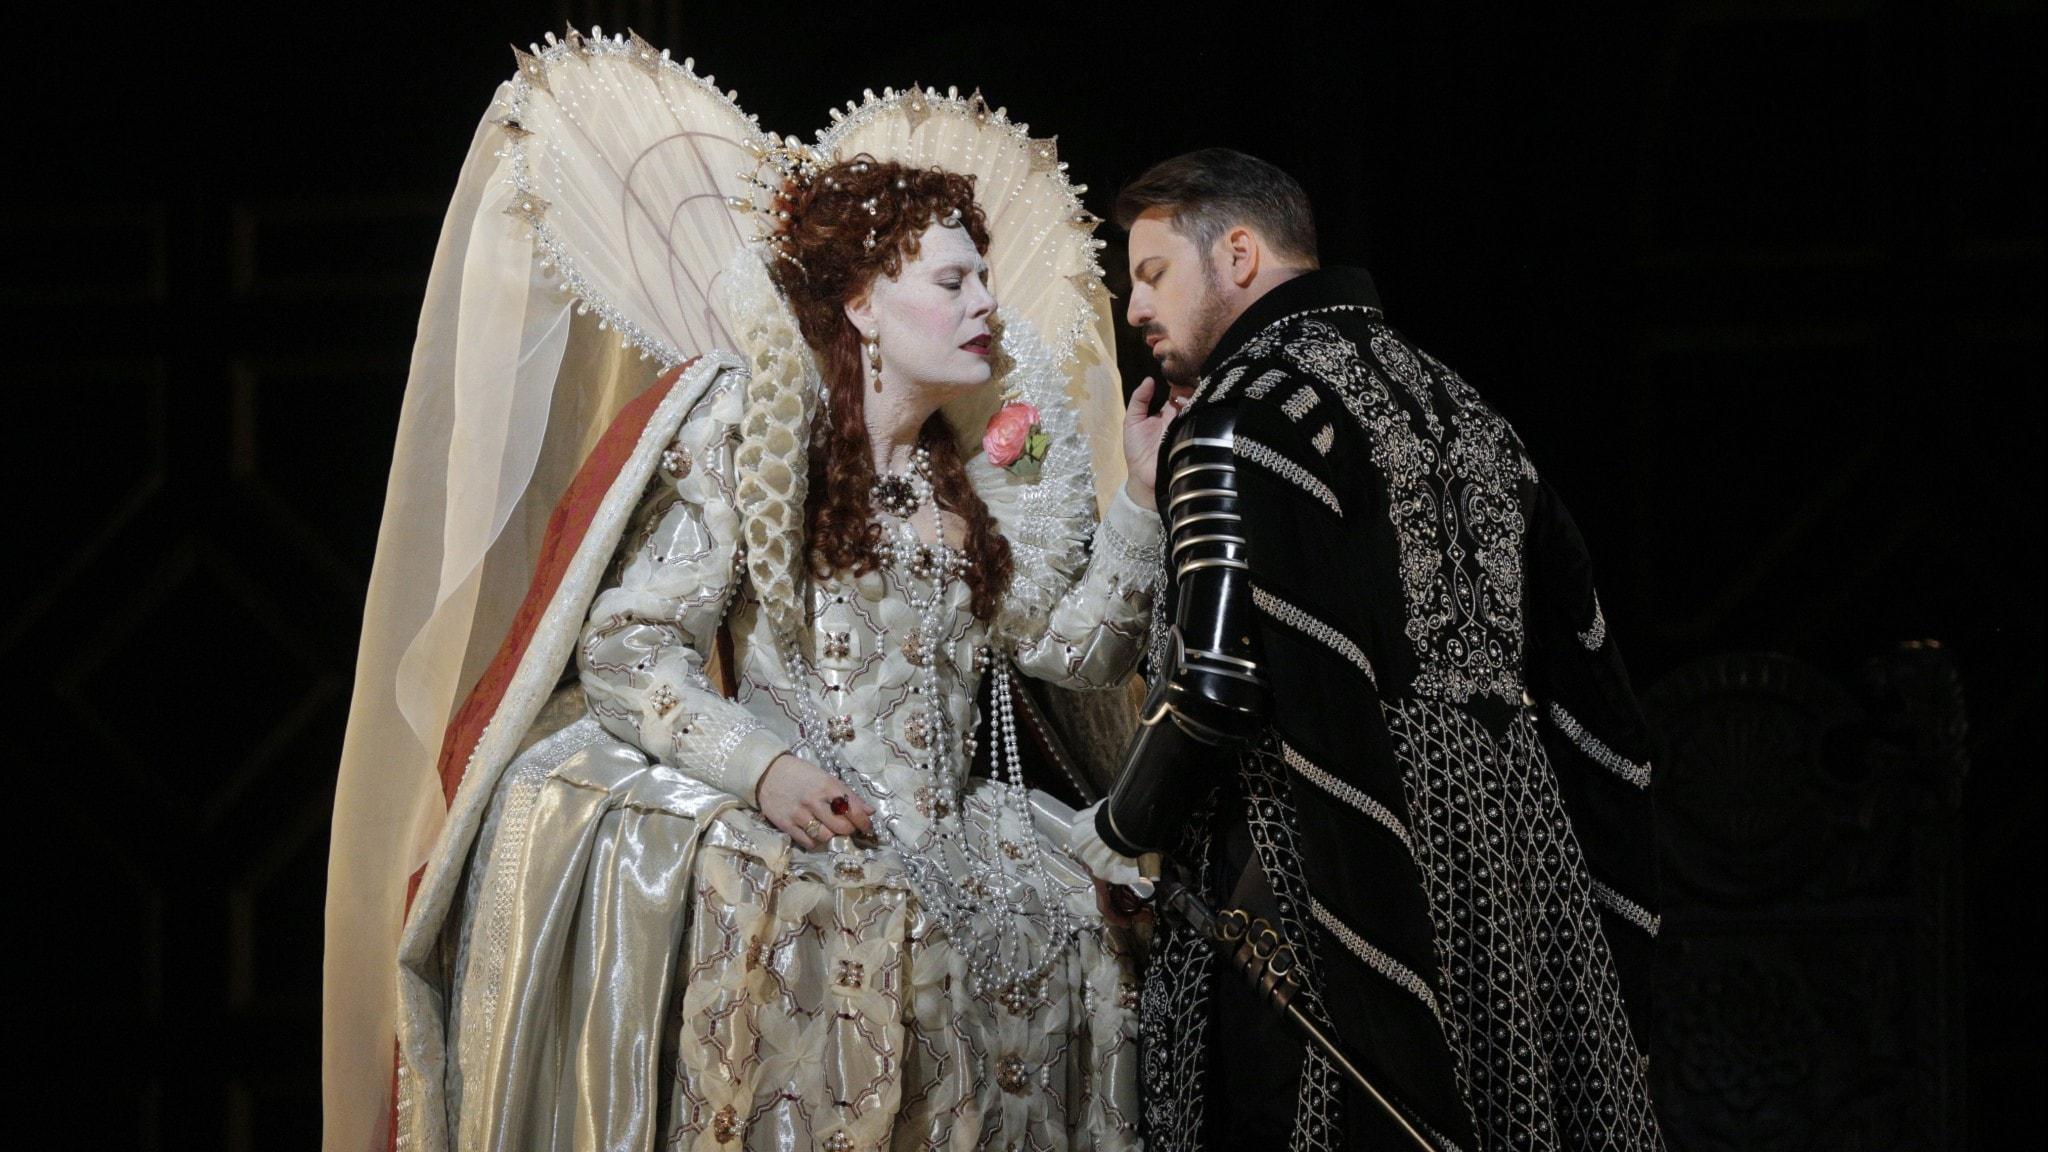 Bild: Sondra Radvanovsky som Elisabet och Matthew Polenzani i titelrollen Robert Devereux.